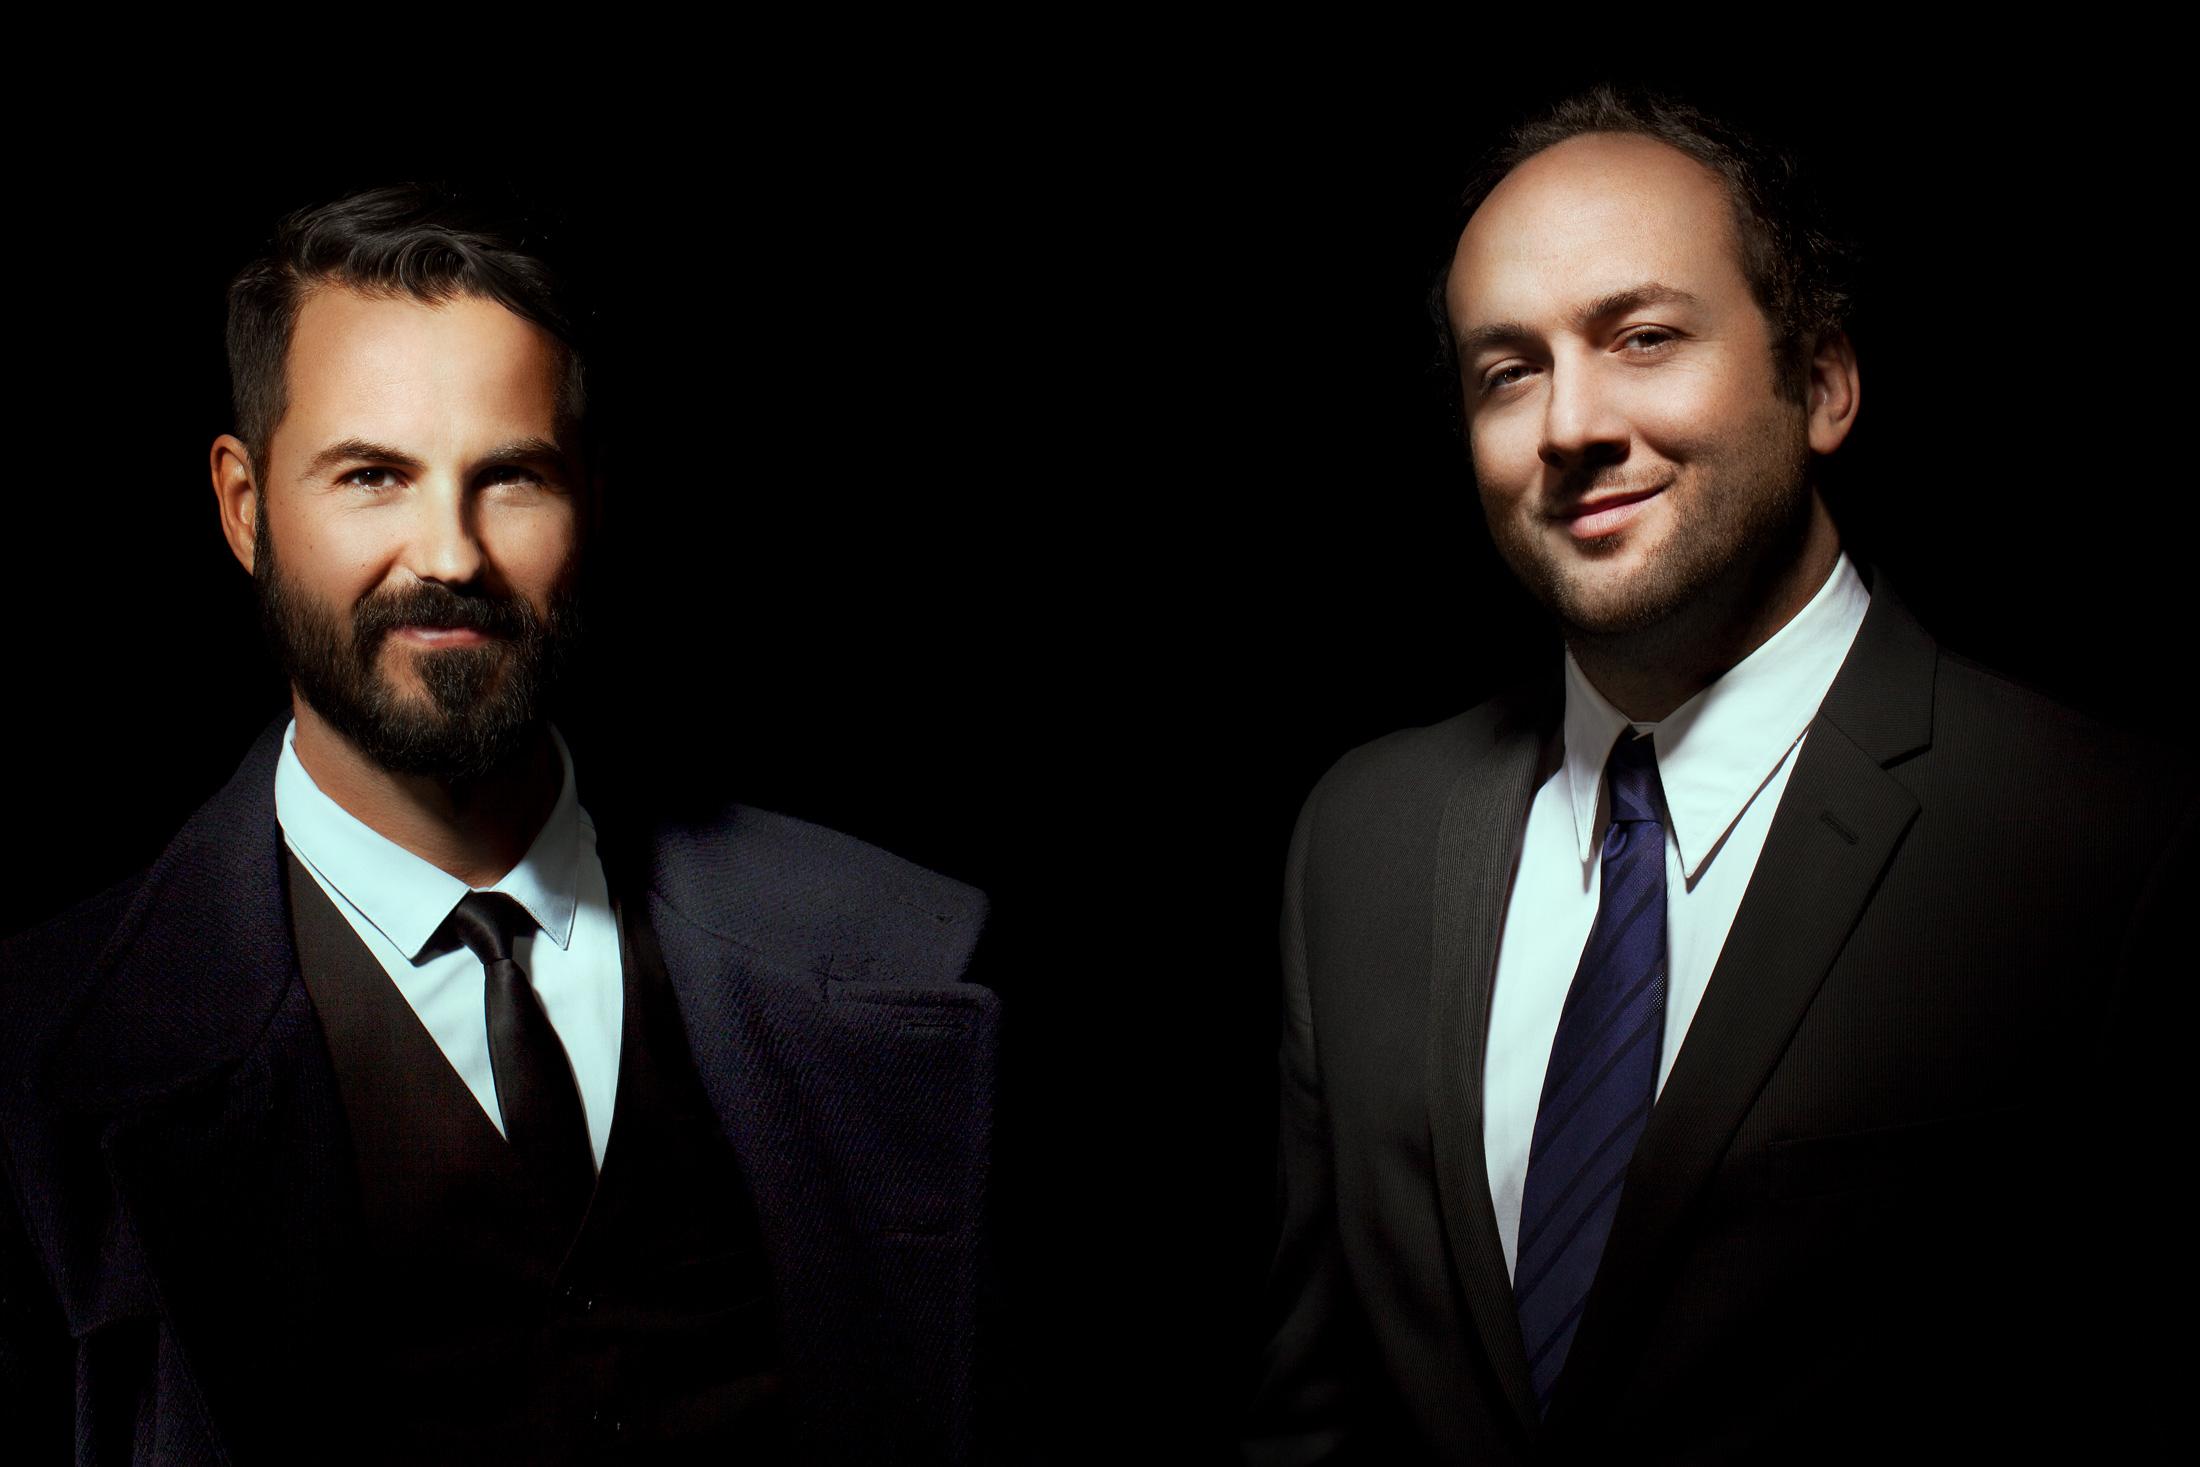 portrait deux hommes d'affaires éclairage contrasté